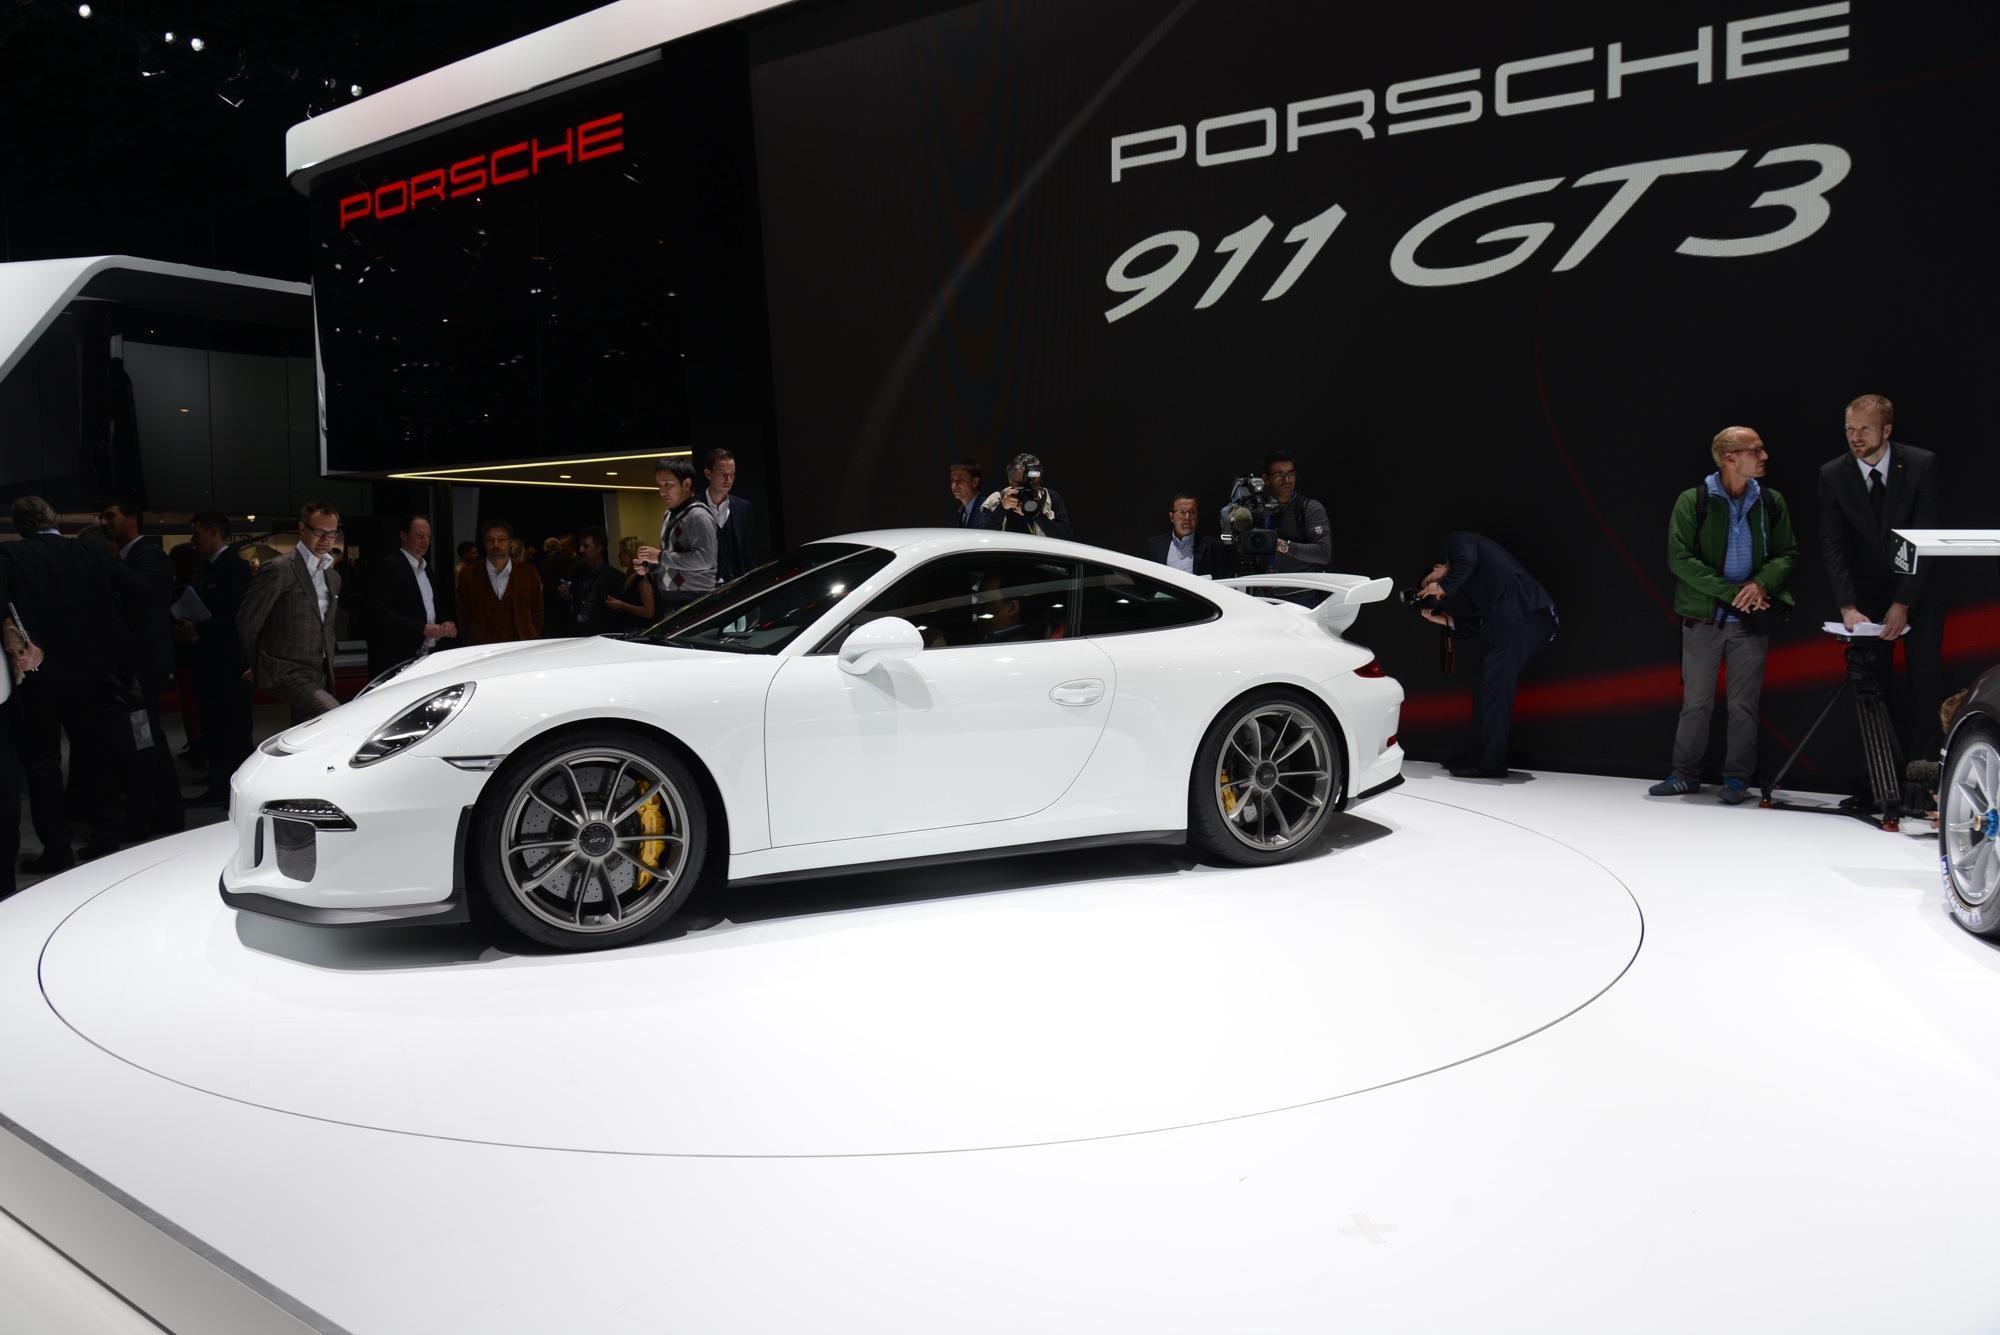 porsche-911-gt3-991-002